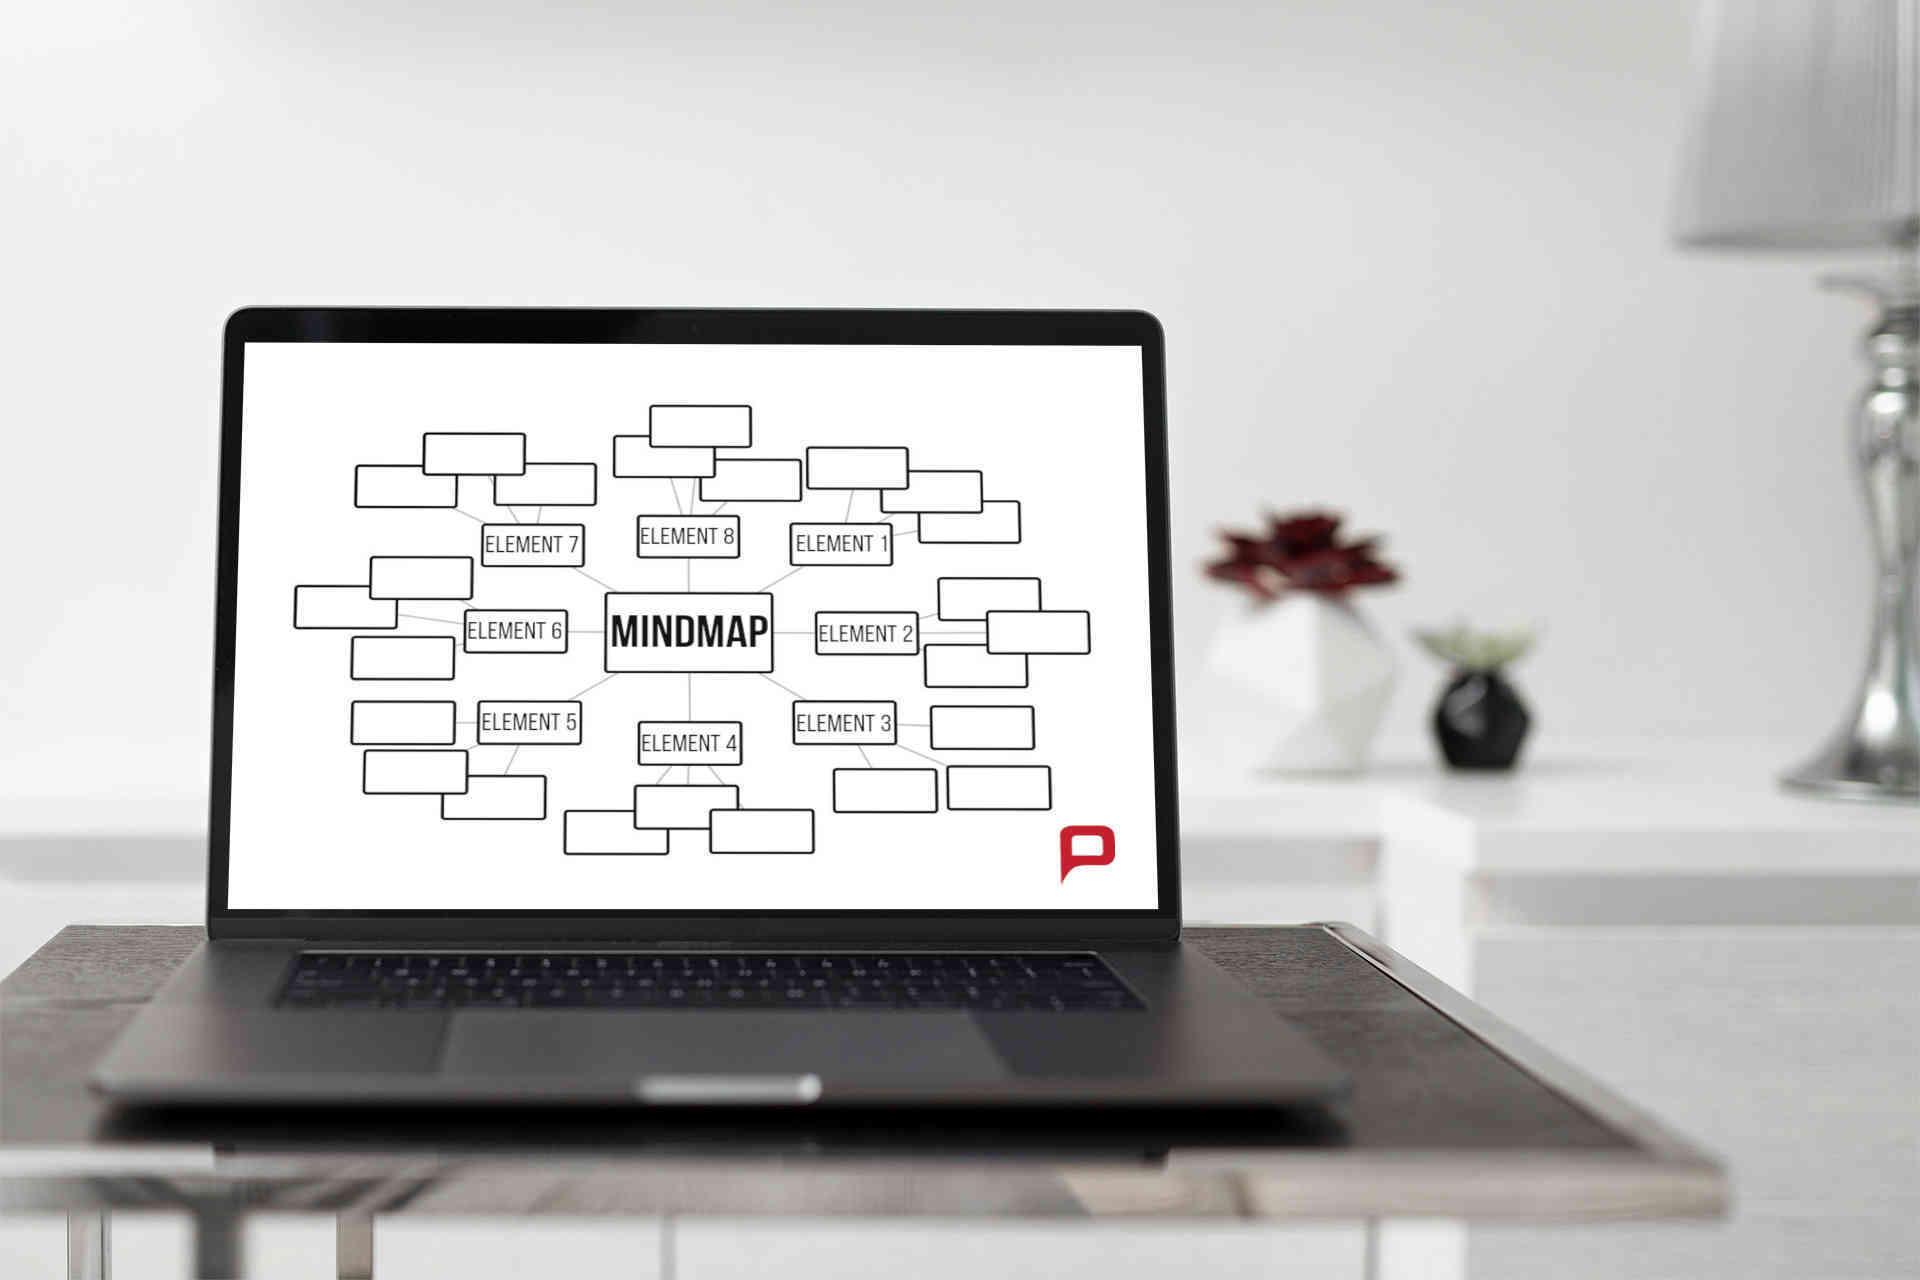 PowerPoint MindMap, So erstellen sie eine MindMap in PPT